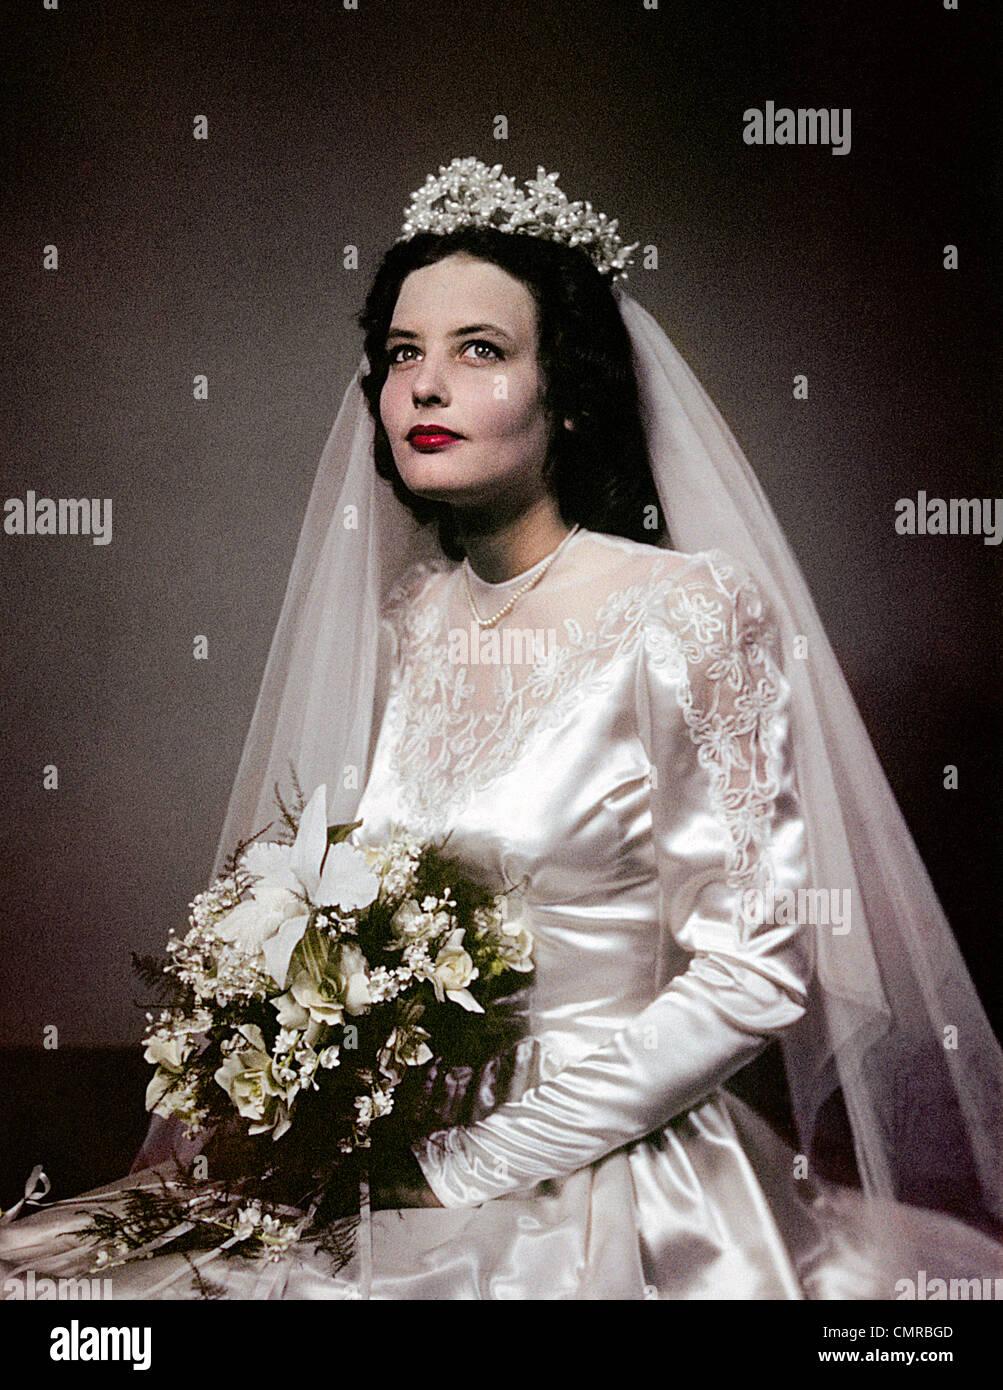 Negli anni quaranta anni cinquanta ritratto BRUNETTE sposa in abito nuziale con bouquet di fiori Immagini Stock